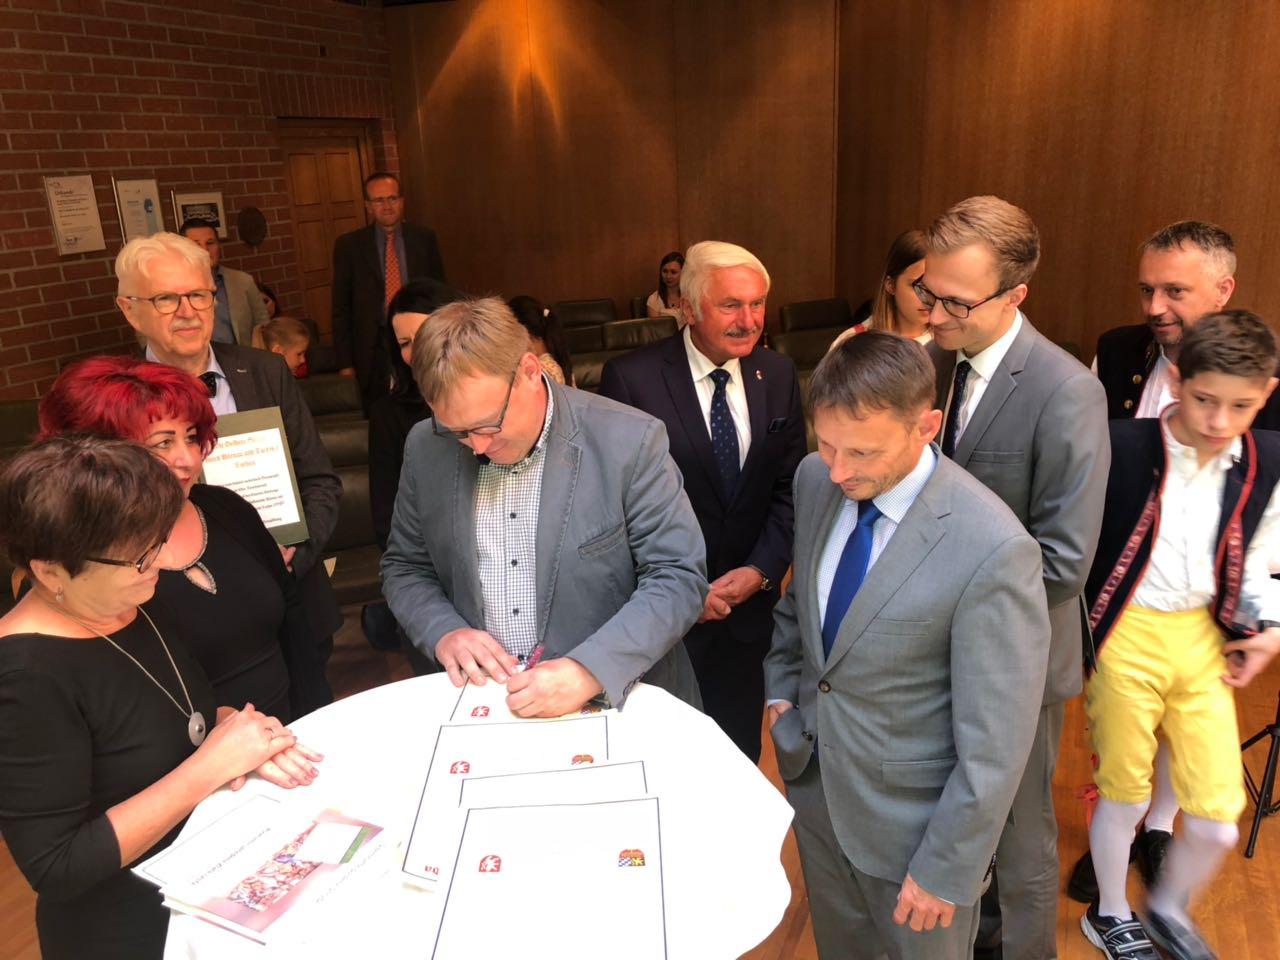 Schulleiter Jan Korvat beim Unterzeichnen der Urkunde